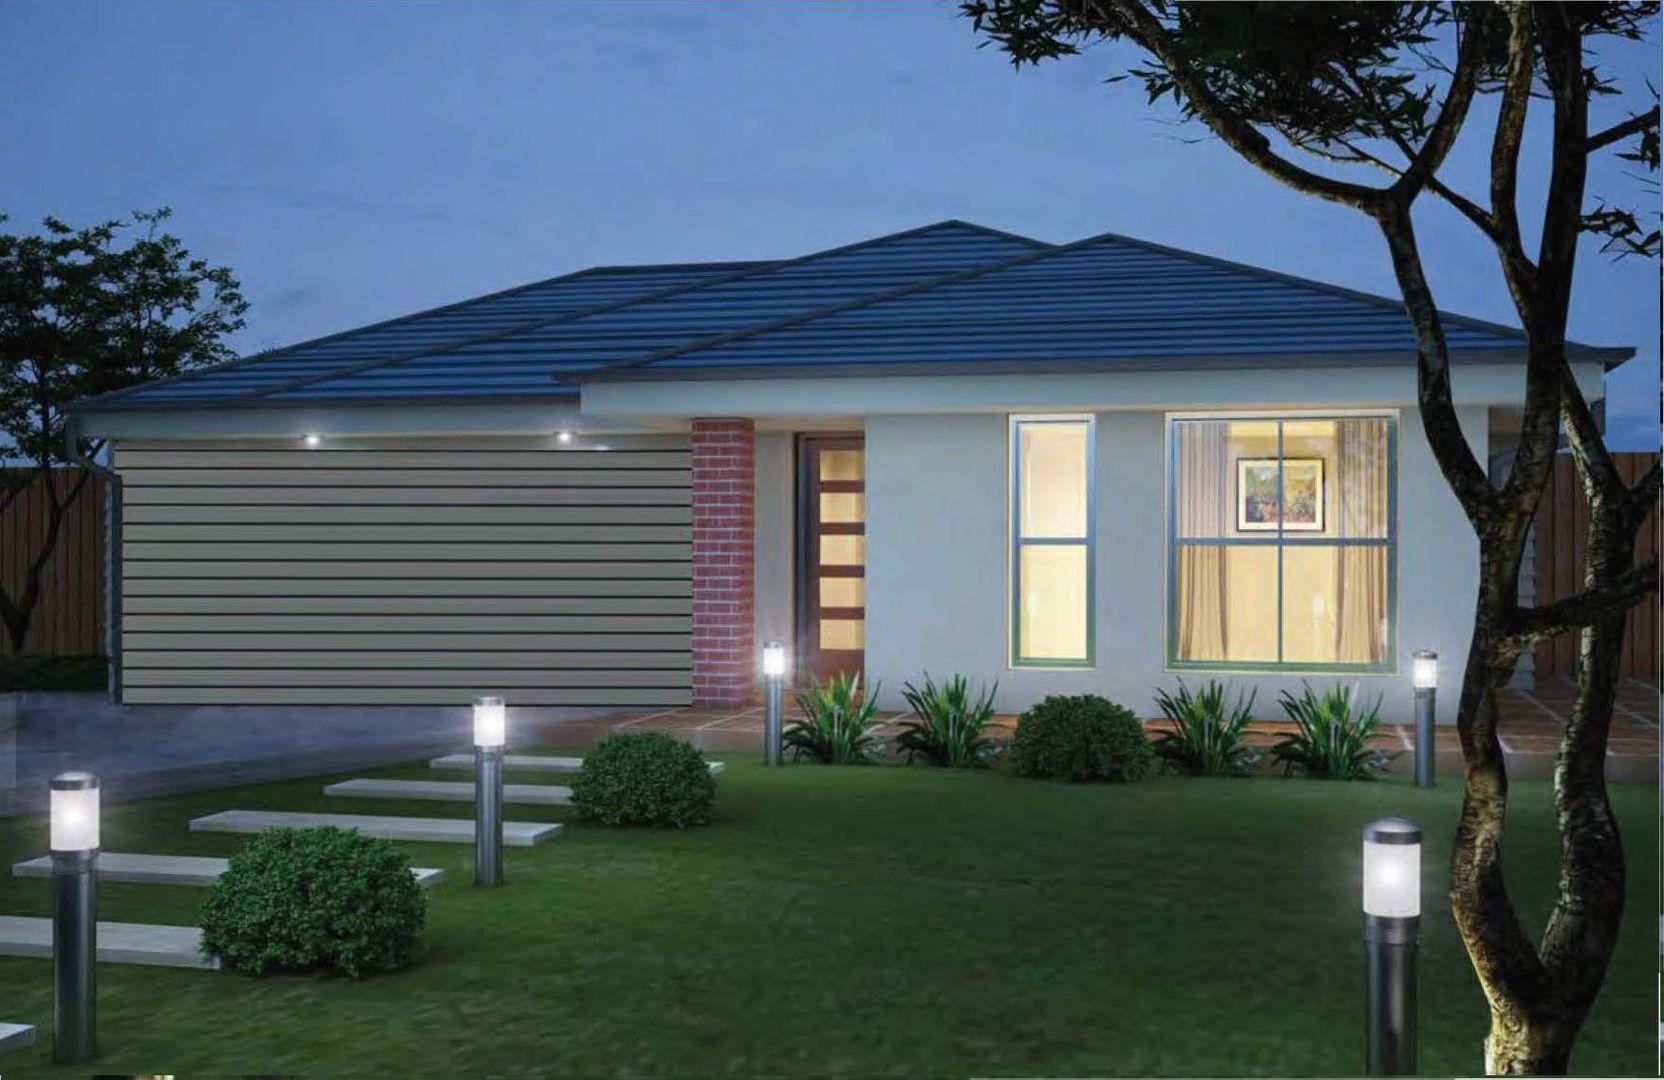 Lot 4071 Galium Crescent, Denham Court NSW 2565, Image 0